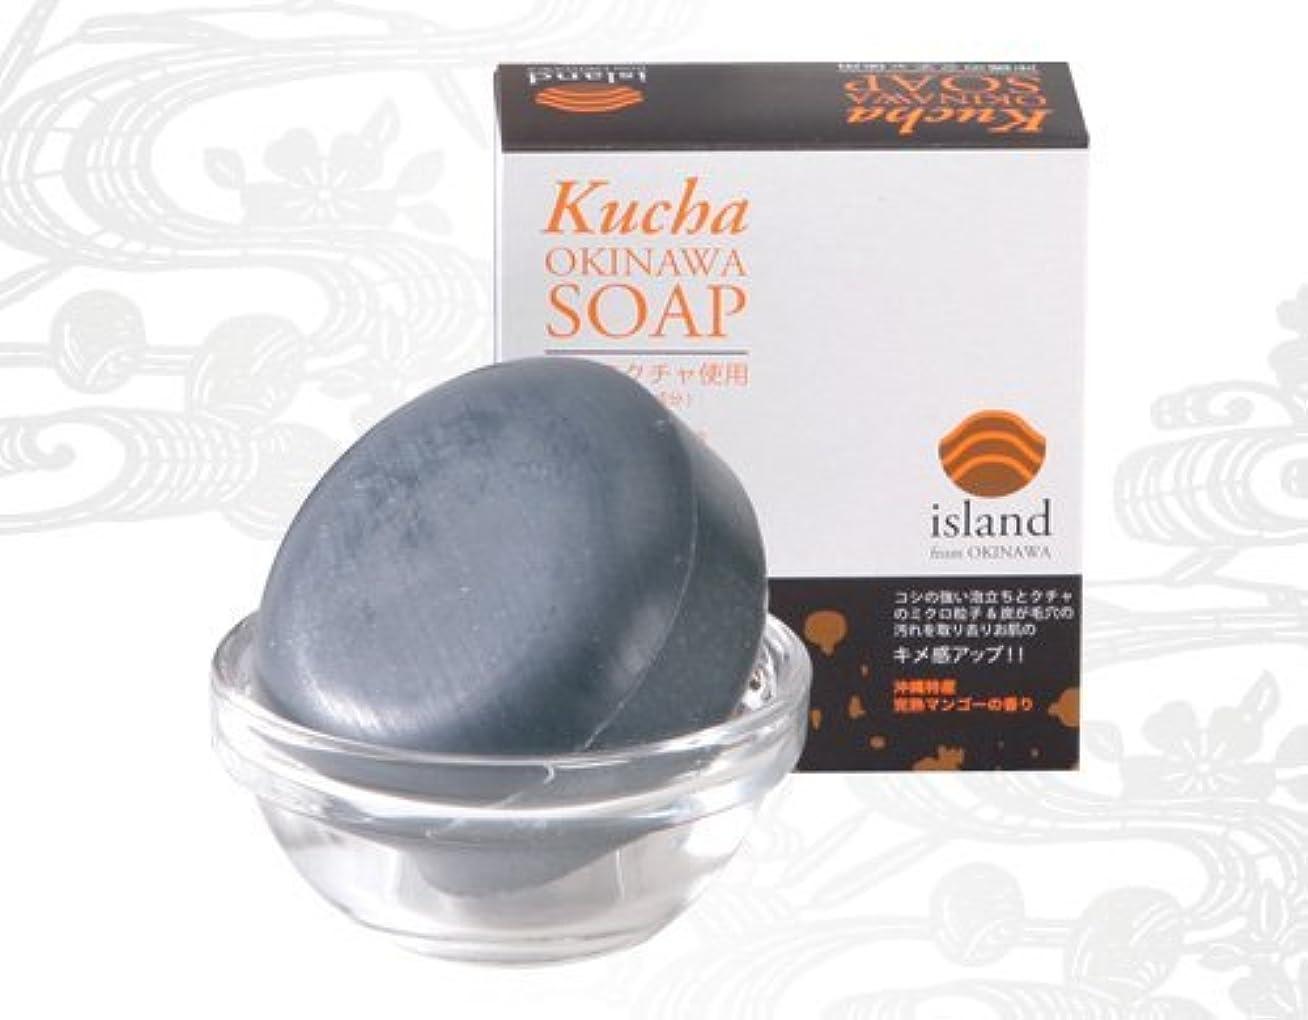 奨学金代替悪いくちゃ OKINAWA SOAP 90g×10個(1ボール) アイランド 沖縄特産「くちゃ」配合の無添加石けん ミクロの泥で毛穴スッキリ、つるつる素肌!